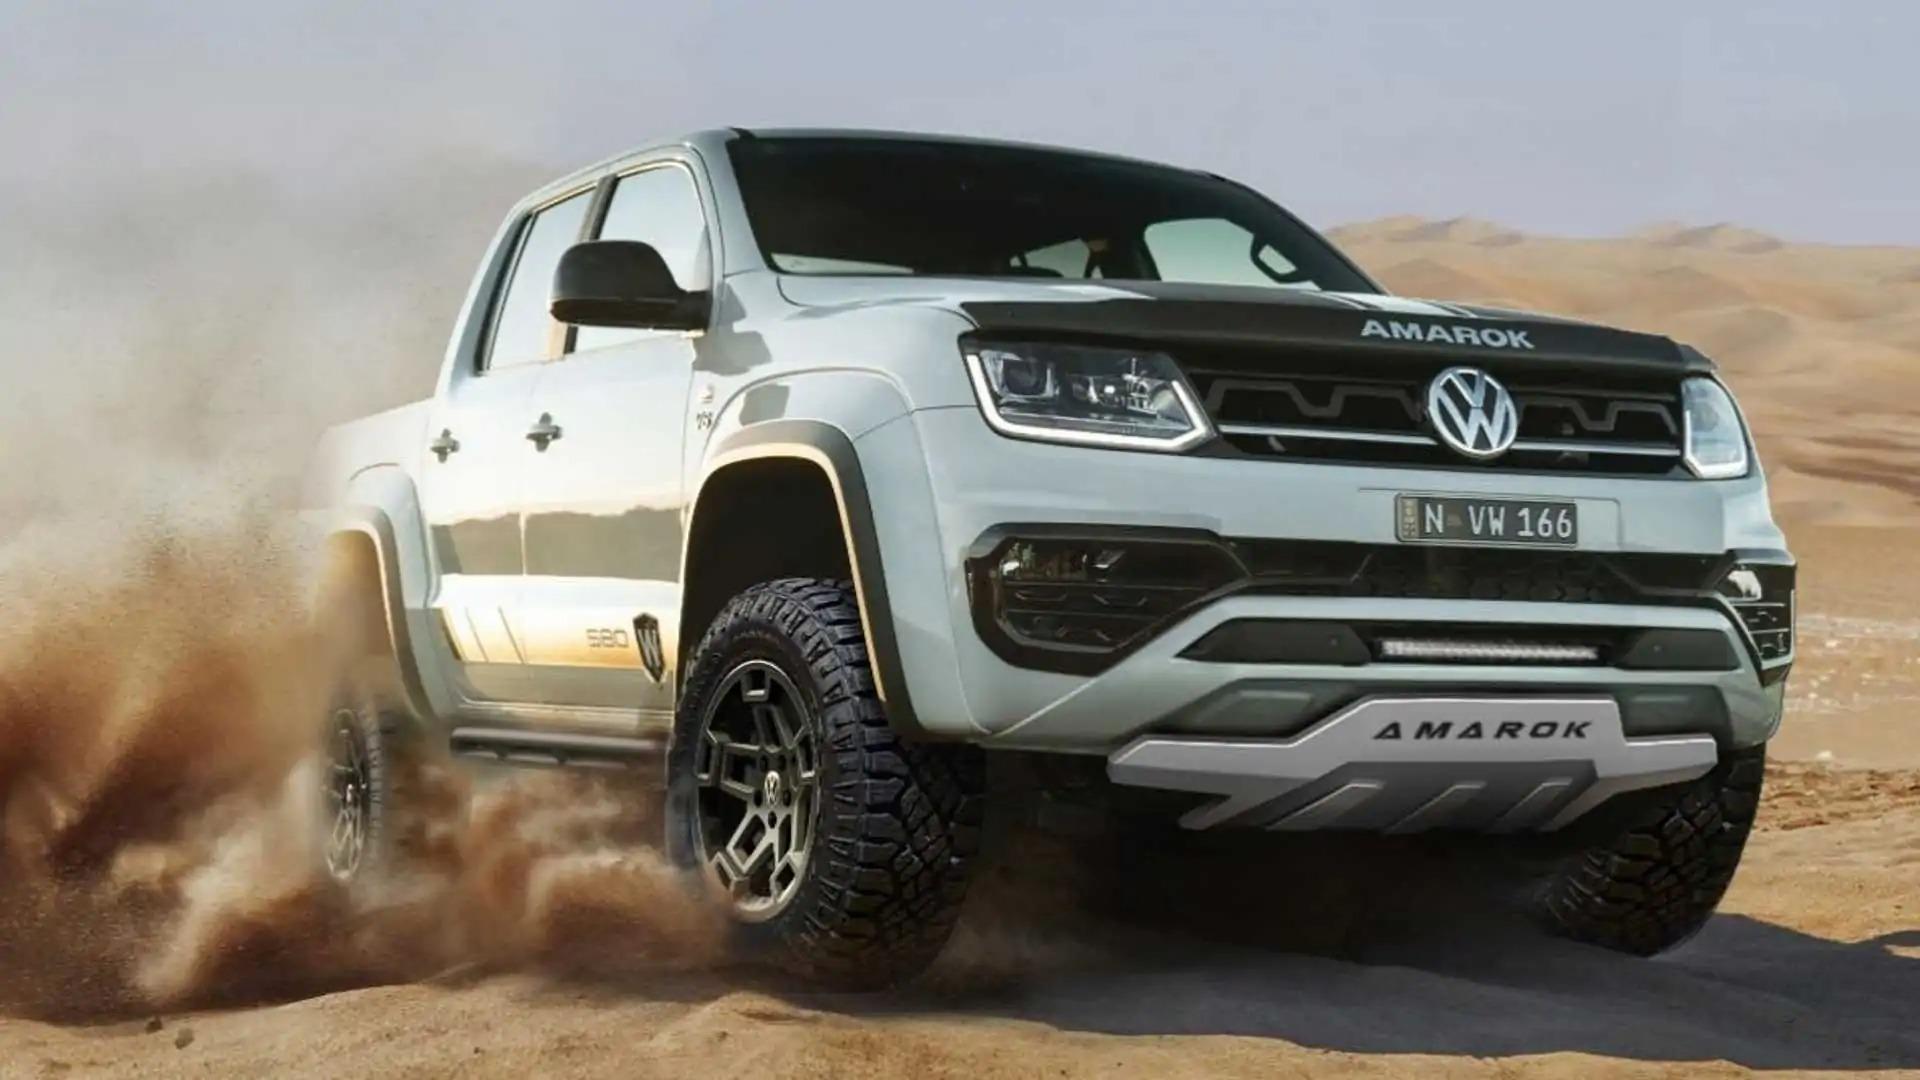 Volkswagen Amarok уже давно присутствует на рынке, и в настоящее время он готовится сменить поколение. Тем временем австралийский офис объединился с местным тюнером Walkinshaw, чтобы выпустить особо внедорожный пикап.